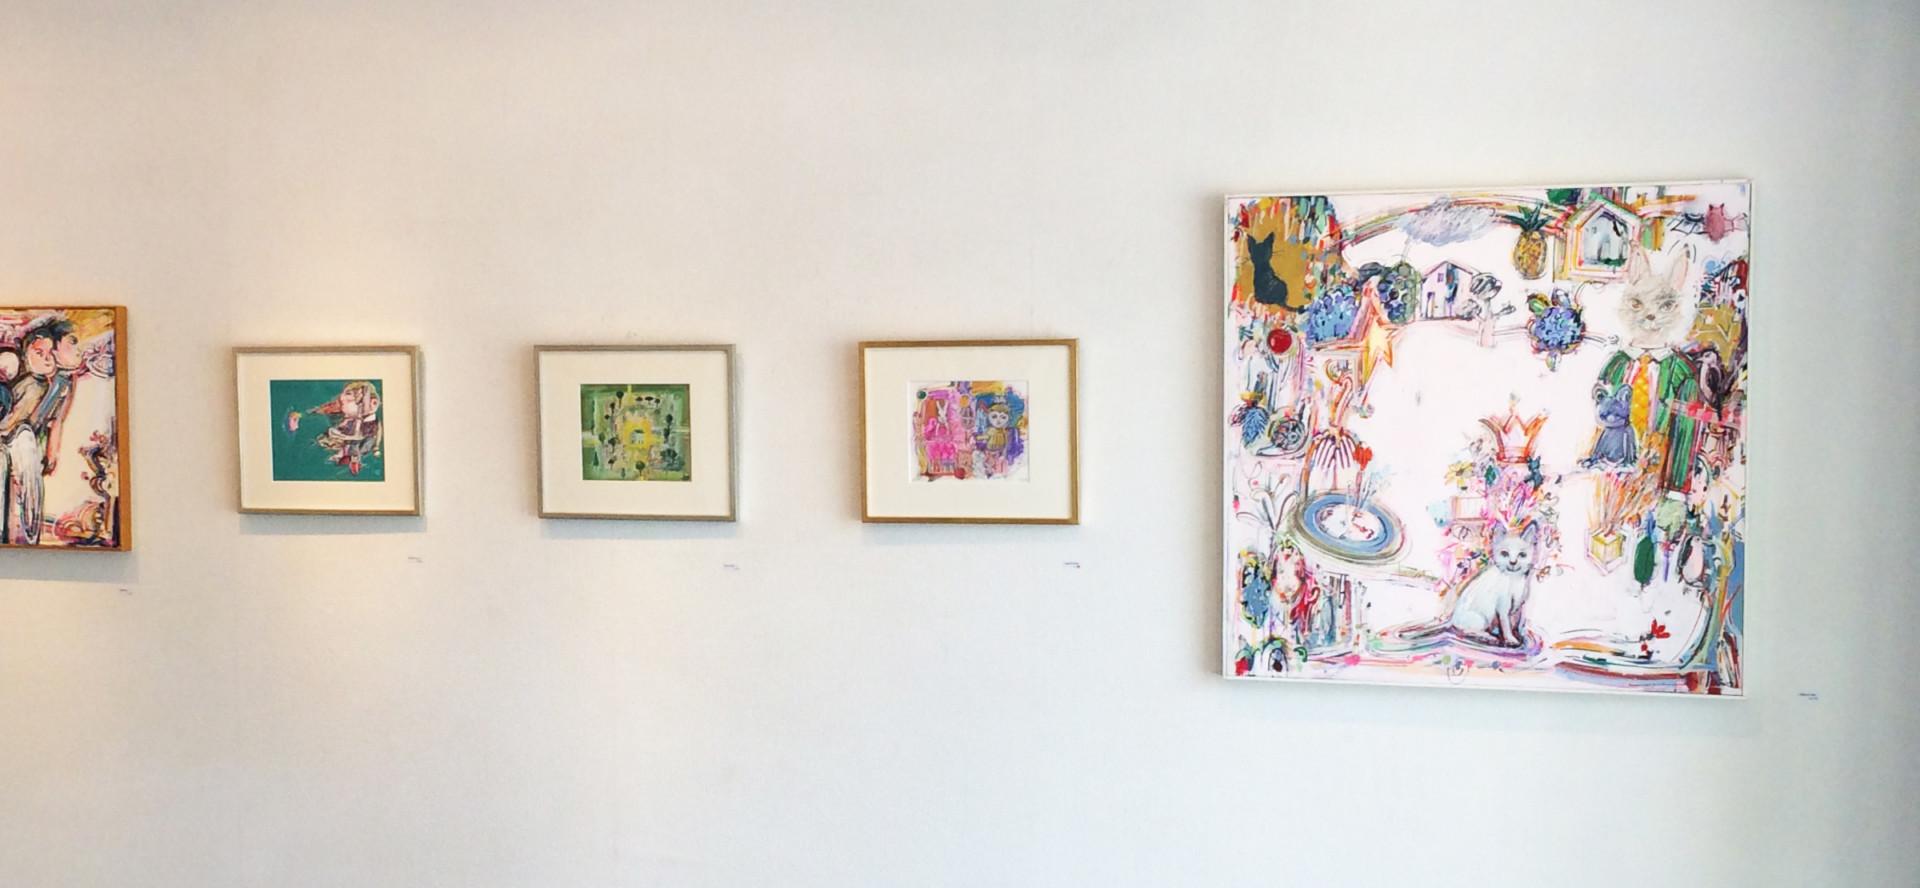 取材した日は画家 五嶋稔さんの絵画が飾られていました   ※現在は既に終了